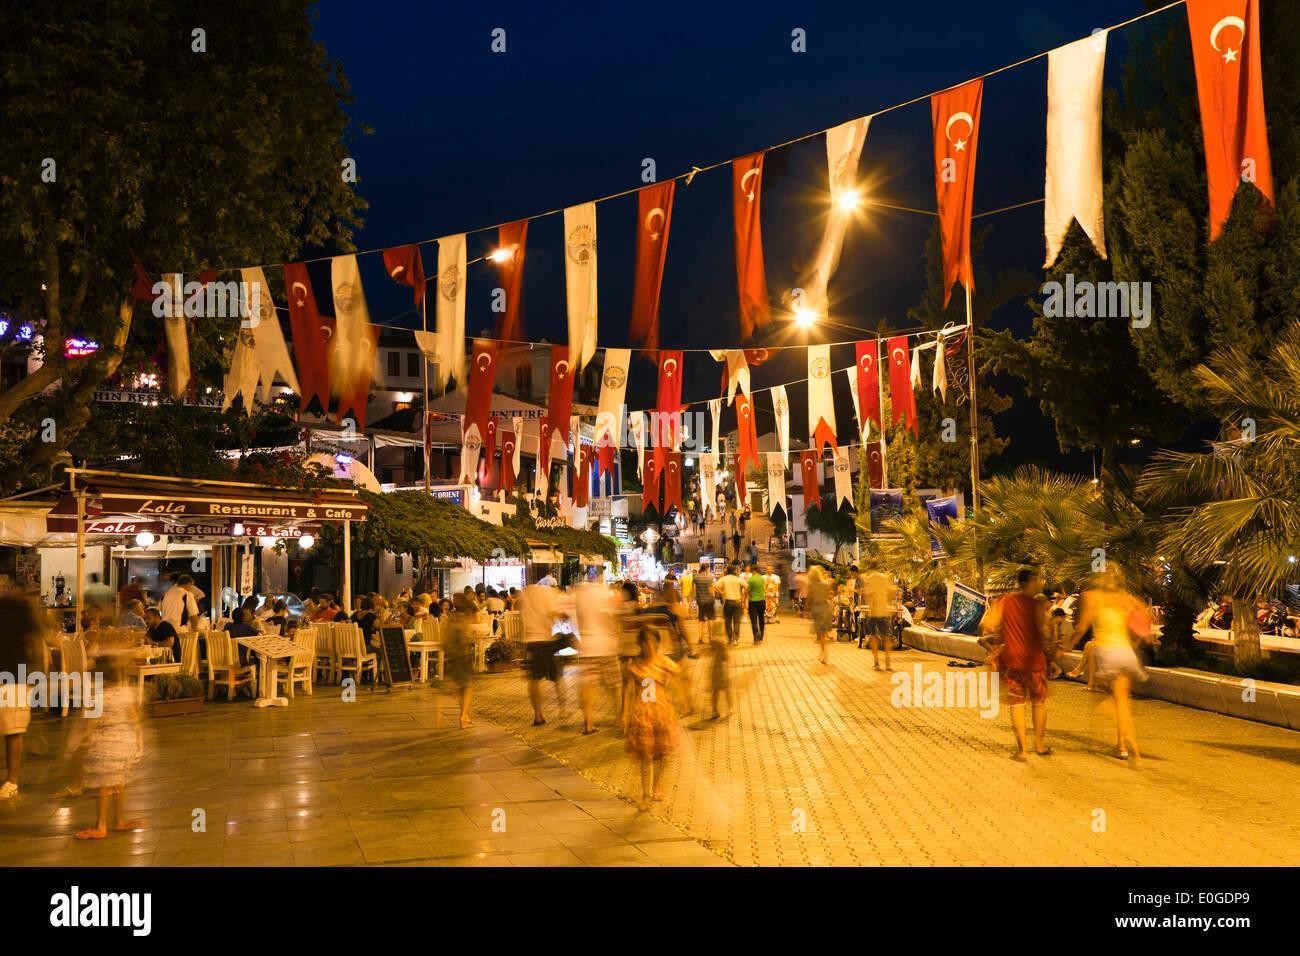 KAS in der Nacht, Nachtleben, Lykische Küste, Lykien, Mittelmeer, Türkei, Asien Stockbild